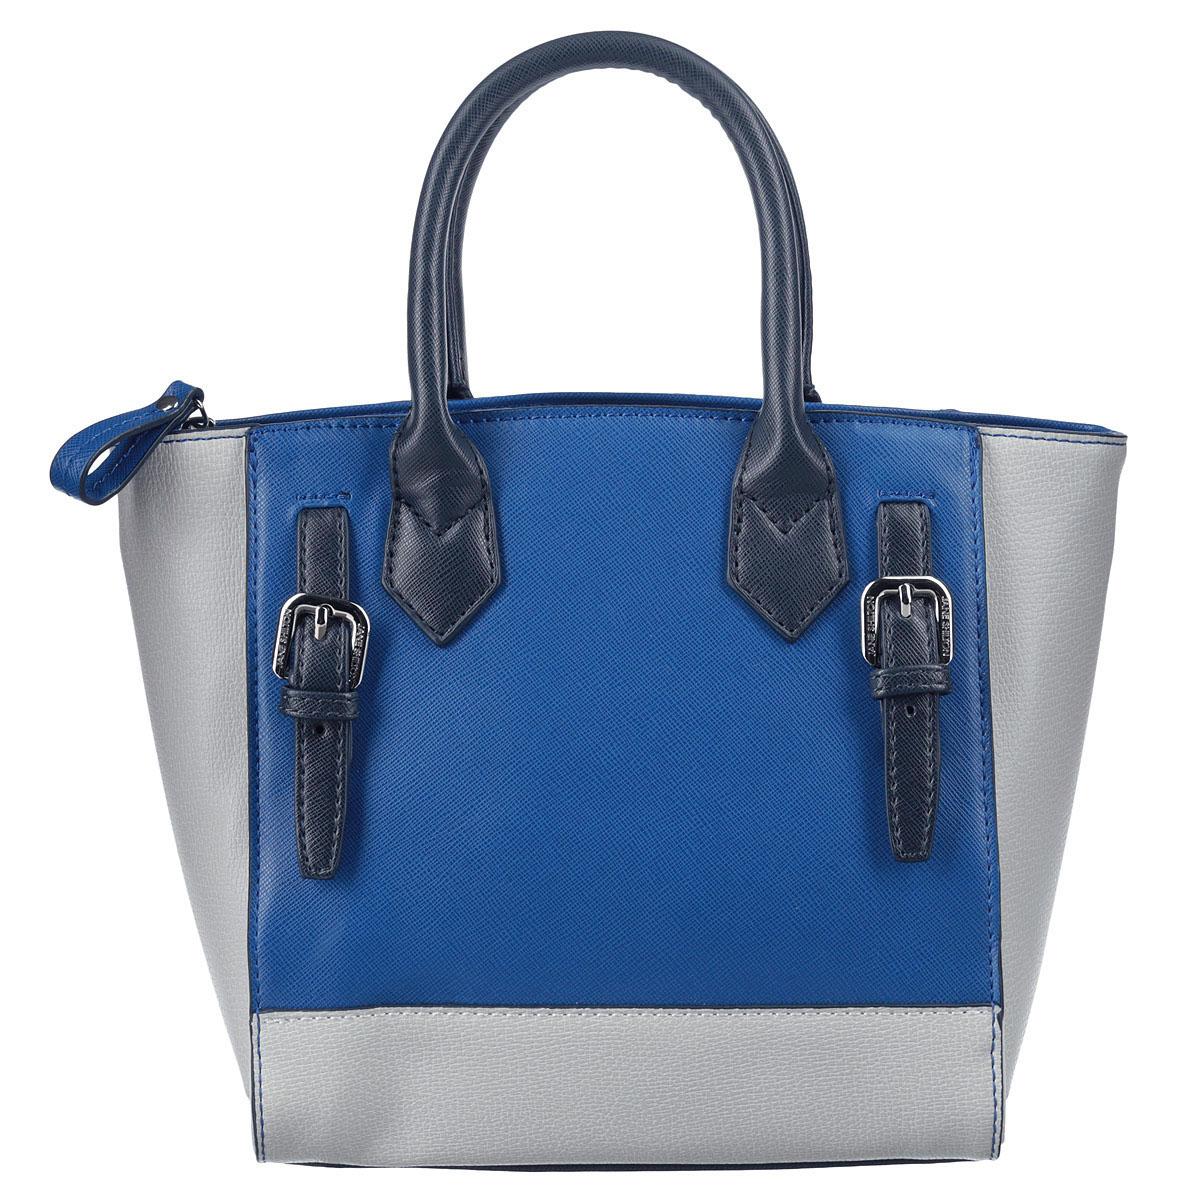 Сумка женская Jane Shilton, цвет: синий. 16741674Миниатюрная женская сумка Jane Shilton изготовлена из высококачественной искусственной кожи в лаконичном стиле. Изделие украшено декоративными ремешками. Сумка оснащена двумя удобными ручками, которые прочно крепятся к корпусу сумки. Основное отделение закрывается на застежку-молнию, содержит один накладной карман для мобильного телефона и врезной карман на застежке- молнии. Тыльная сторона дополнена врезным карманом на застежке-молнии. В комплект входит съемный плечевой ремень. Фурнитура золотистого цвета. Современная женщина - особа взыскательная. Для работы и выхода в свет ей необходим практичный аксессуар, который бы легко и изящно дополнял любой комплект. Для таких женщин и предназначены сумки семьи Shilton, они будут долго служить верой и правдой своей обладательнице.